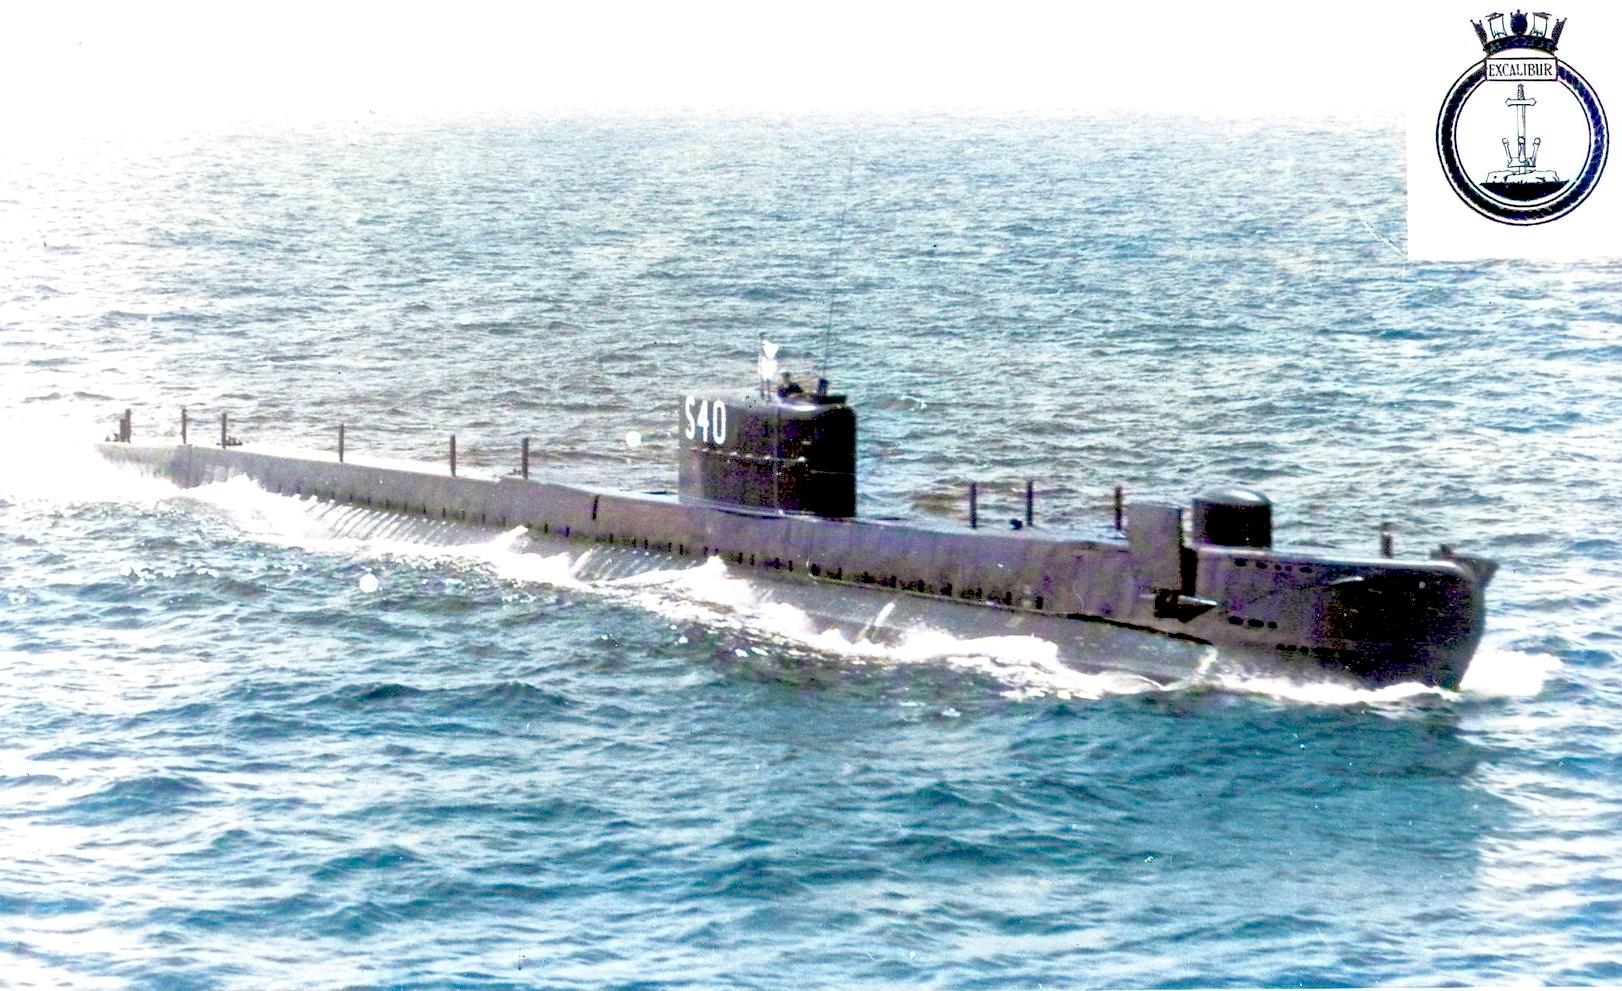 Excalibur (S40)